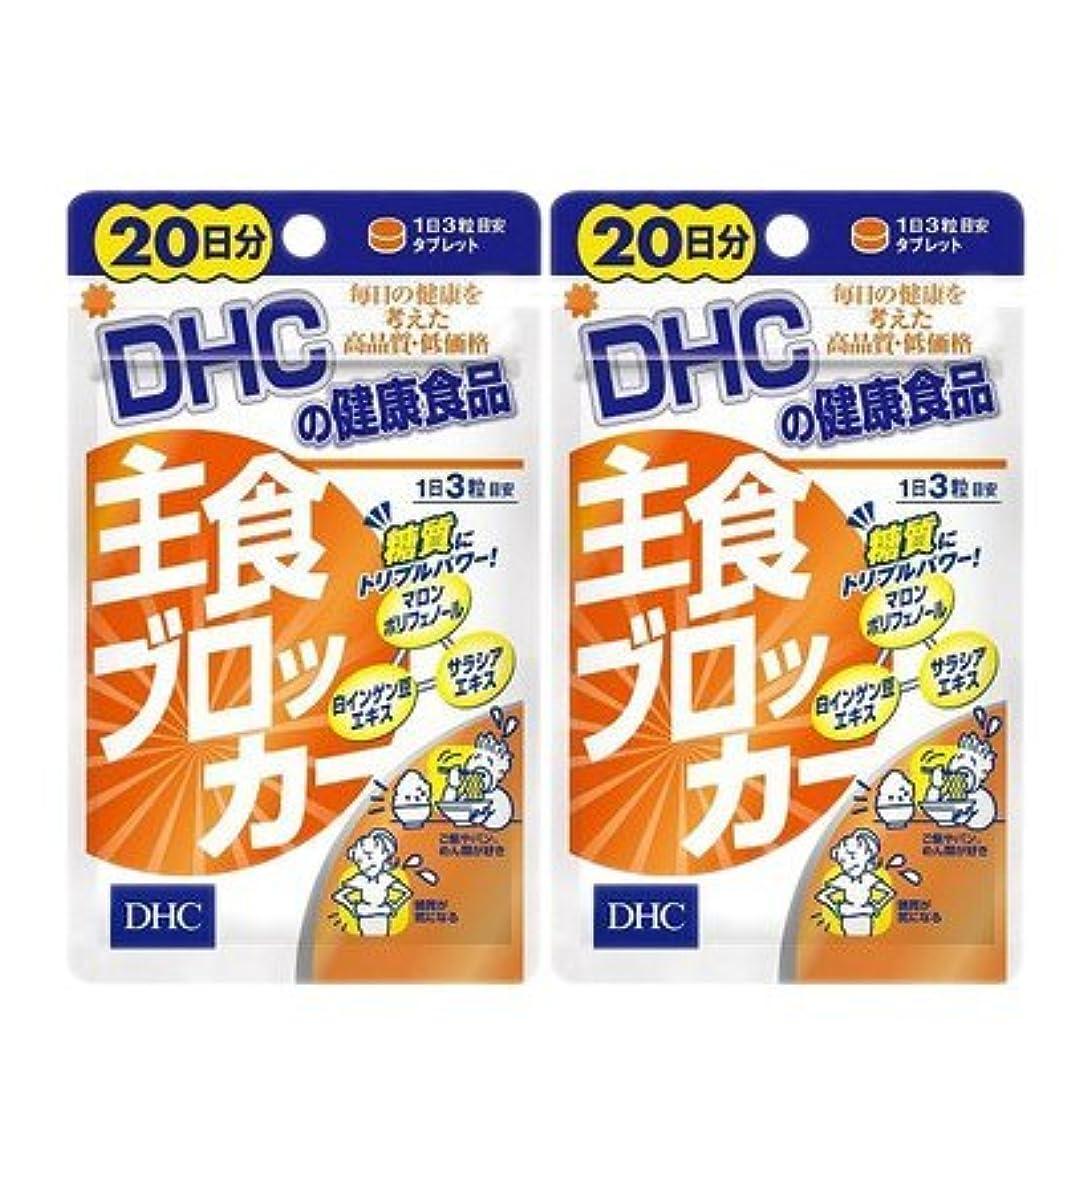 タンパク質端末水族館【2個セット】DHC 主食ブロッカー 20日分 60粒入